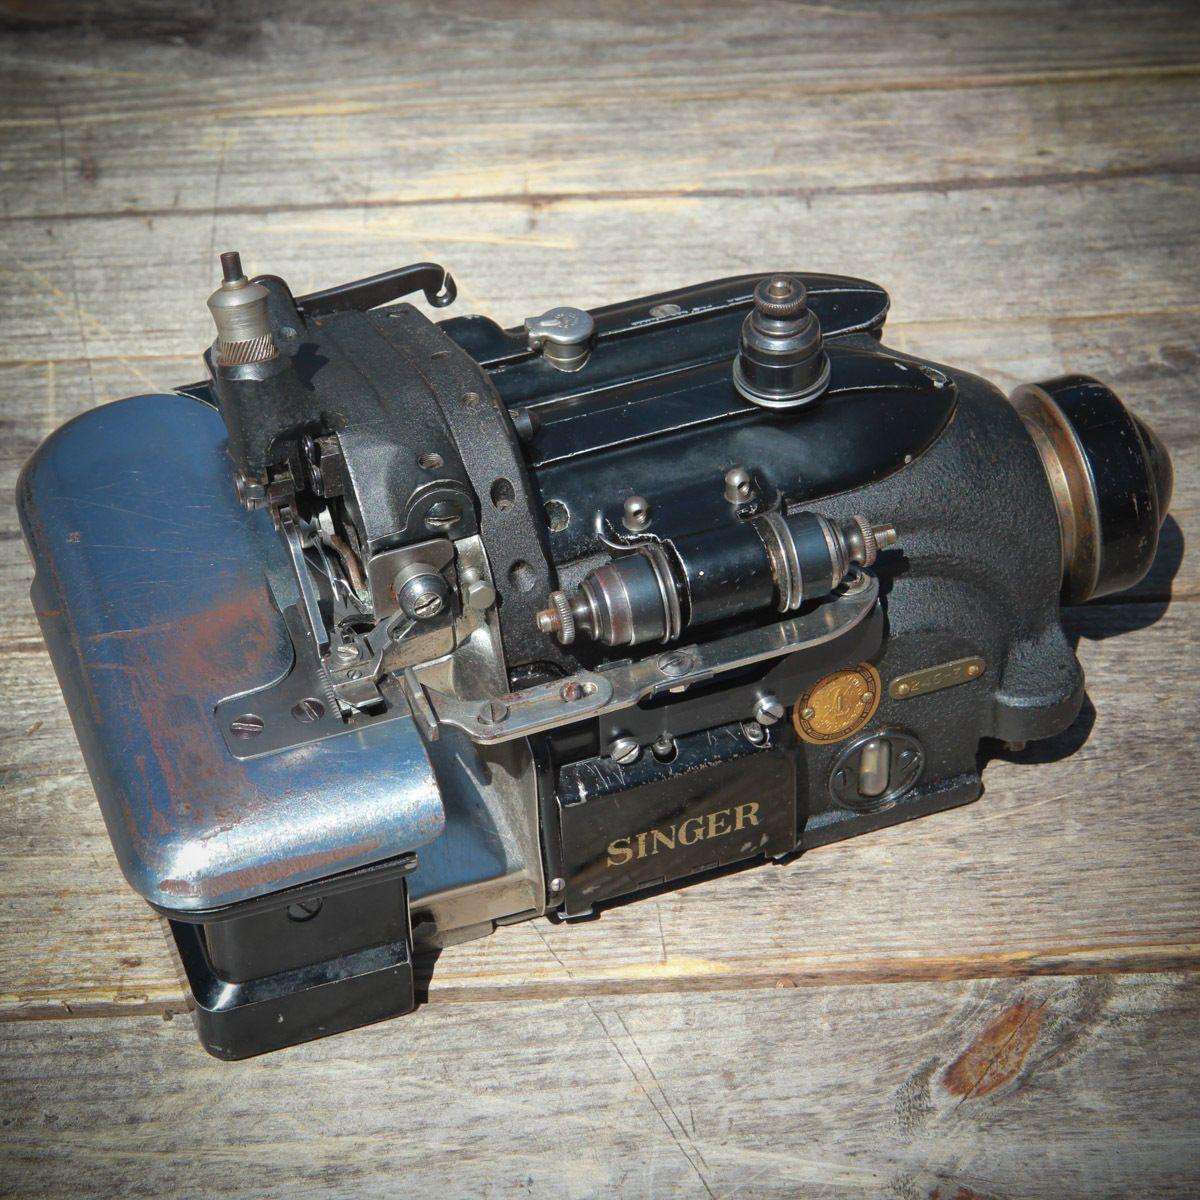 Http://www.ebay.com/itm/1951-SINGER-246-3-Serger-1-Needle